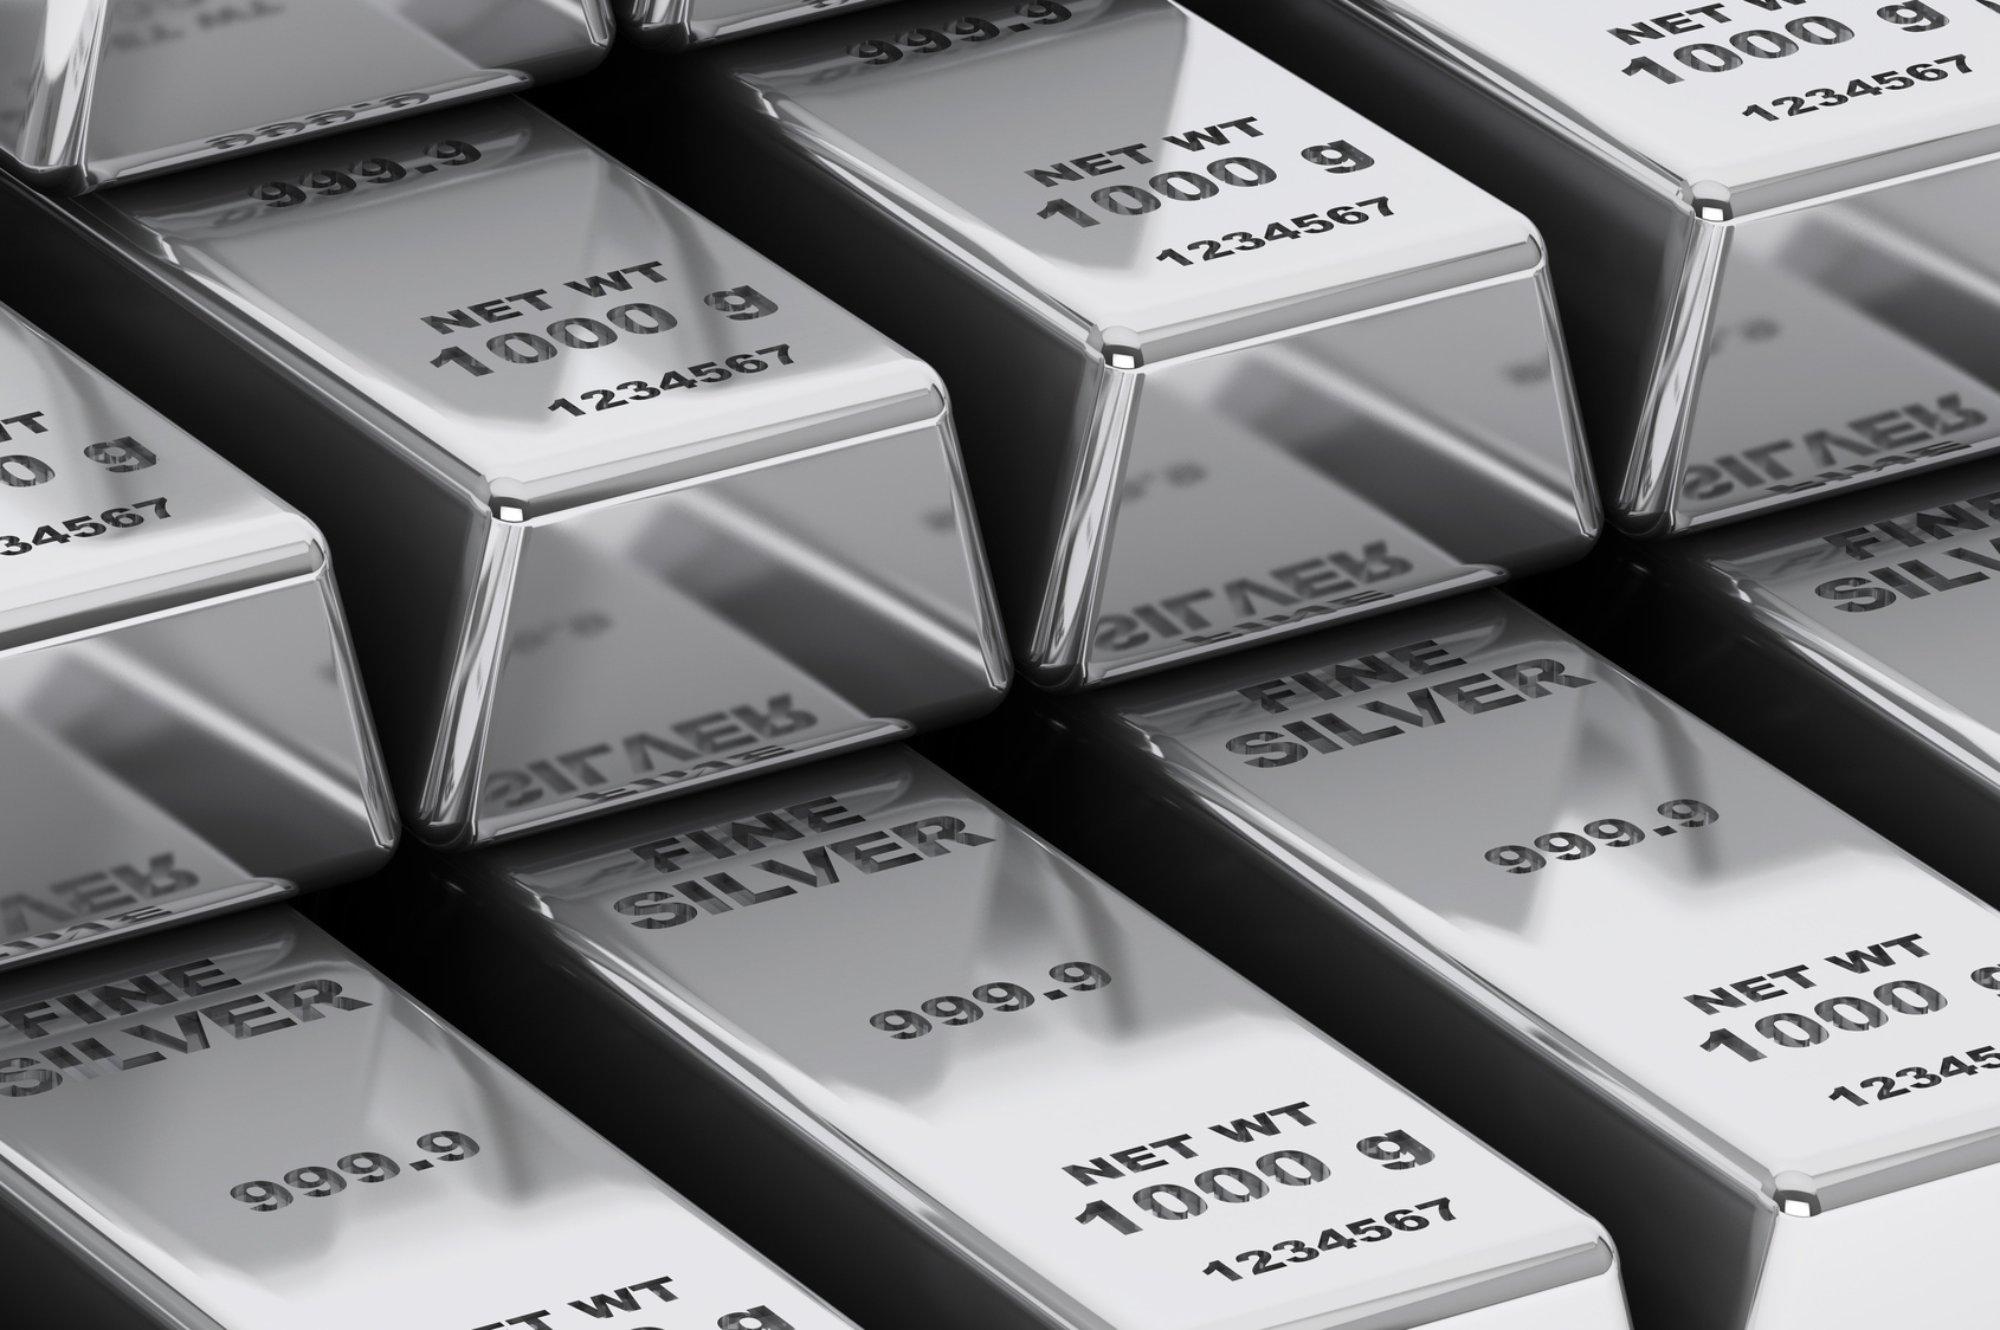 البلاديوم يبلغ ذروة قياسية بفعل حظر روسي محتمل والذهب يرتفع